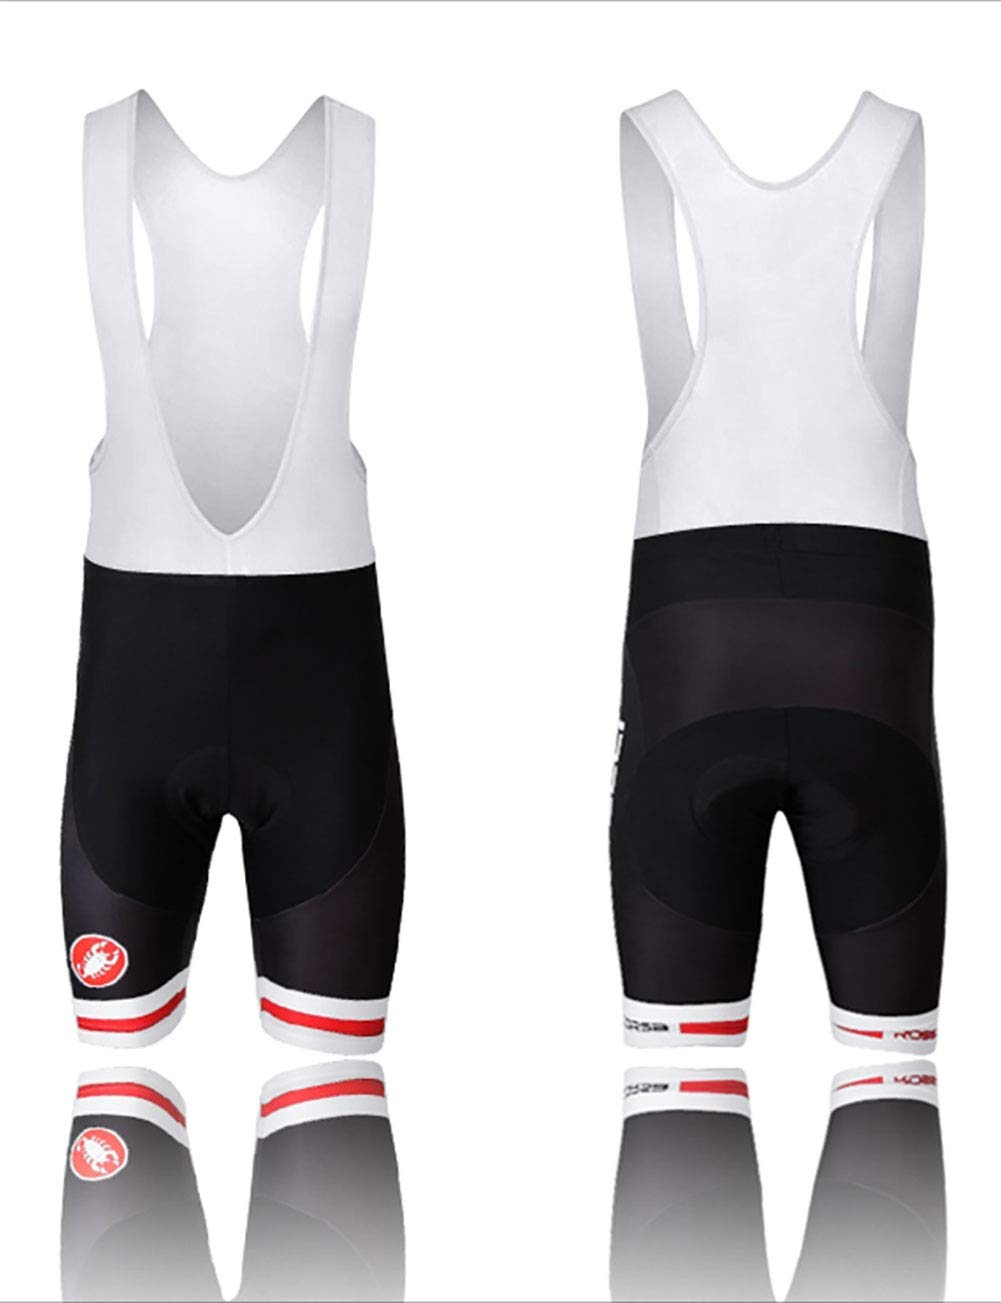 Fonly Jersey De Cyclisme D/ét/é /À S/échage Rapide Sweat /À Manches Courtes Cycle Wear Jersey Respirant M, L, XL, XXL, XXXL